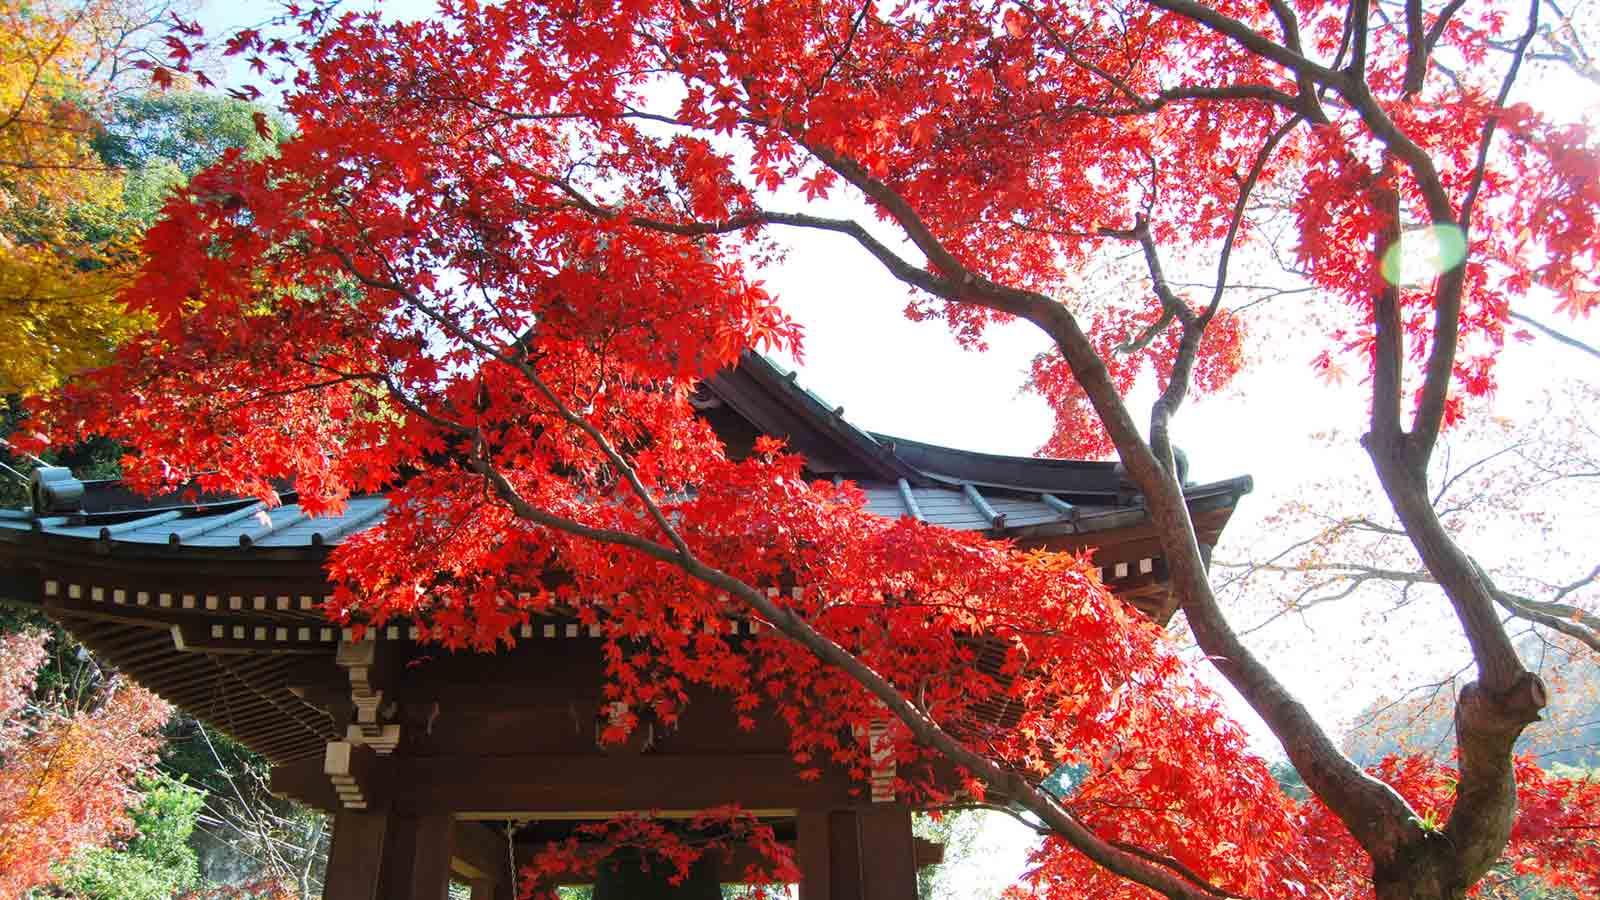 Fall Flowers Desktop Background Wallpaper 【红叶】武家古都镰仓的寺院神社